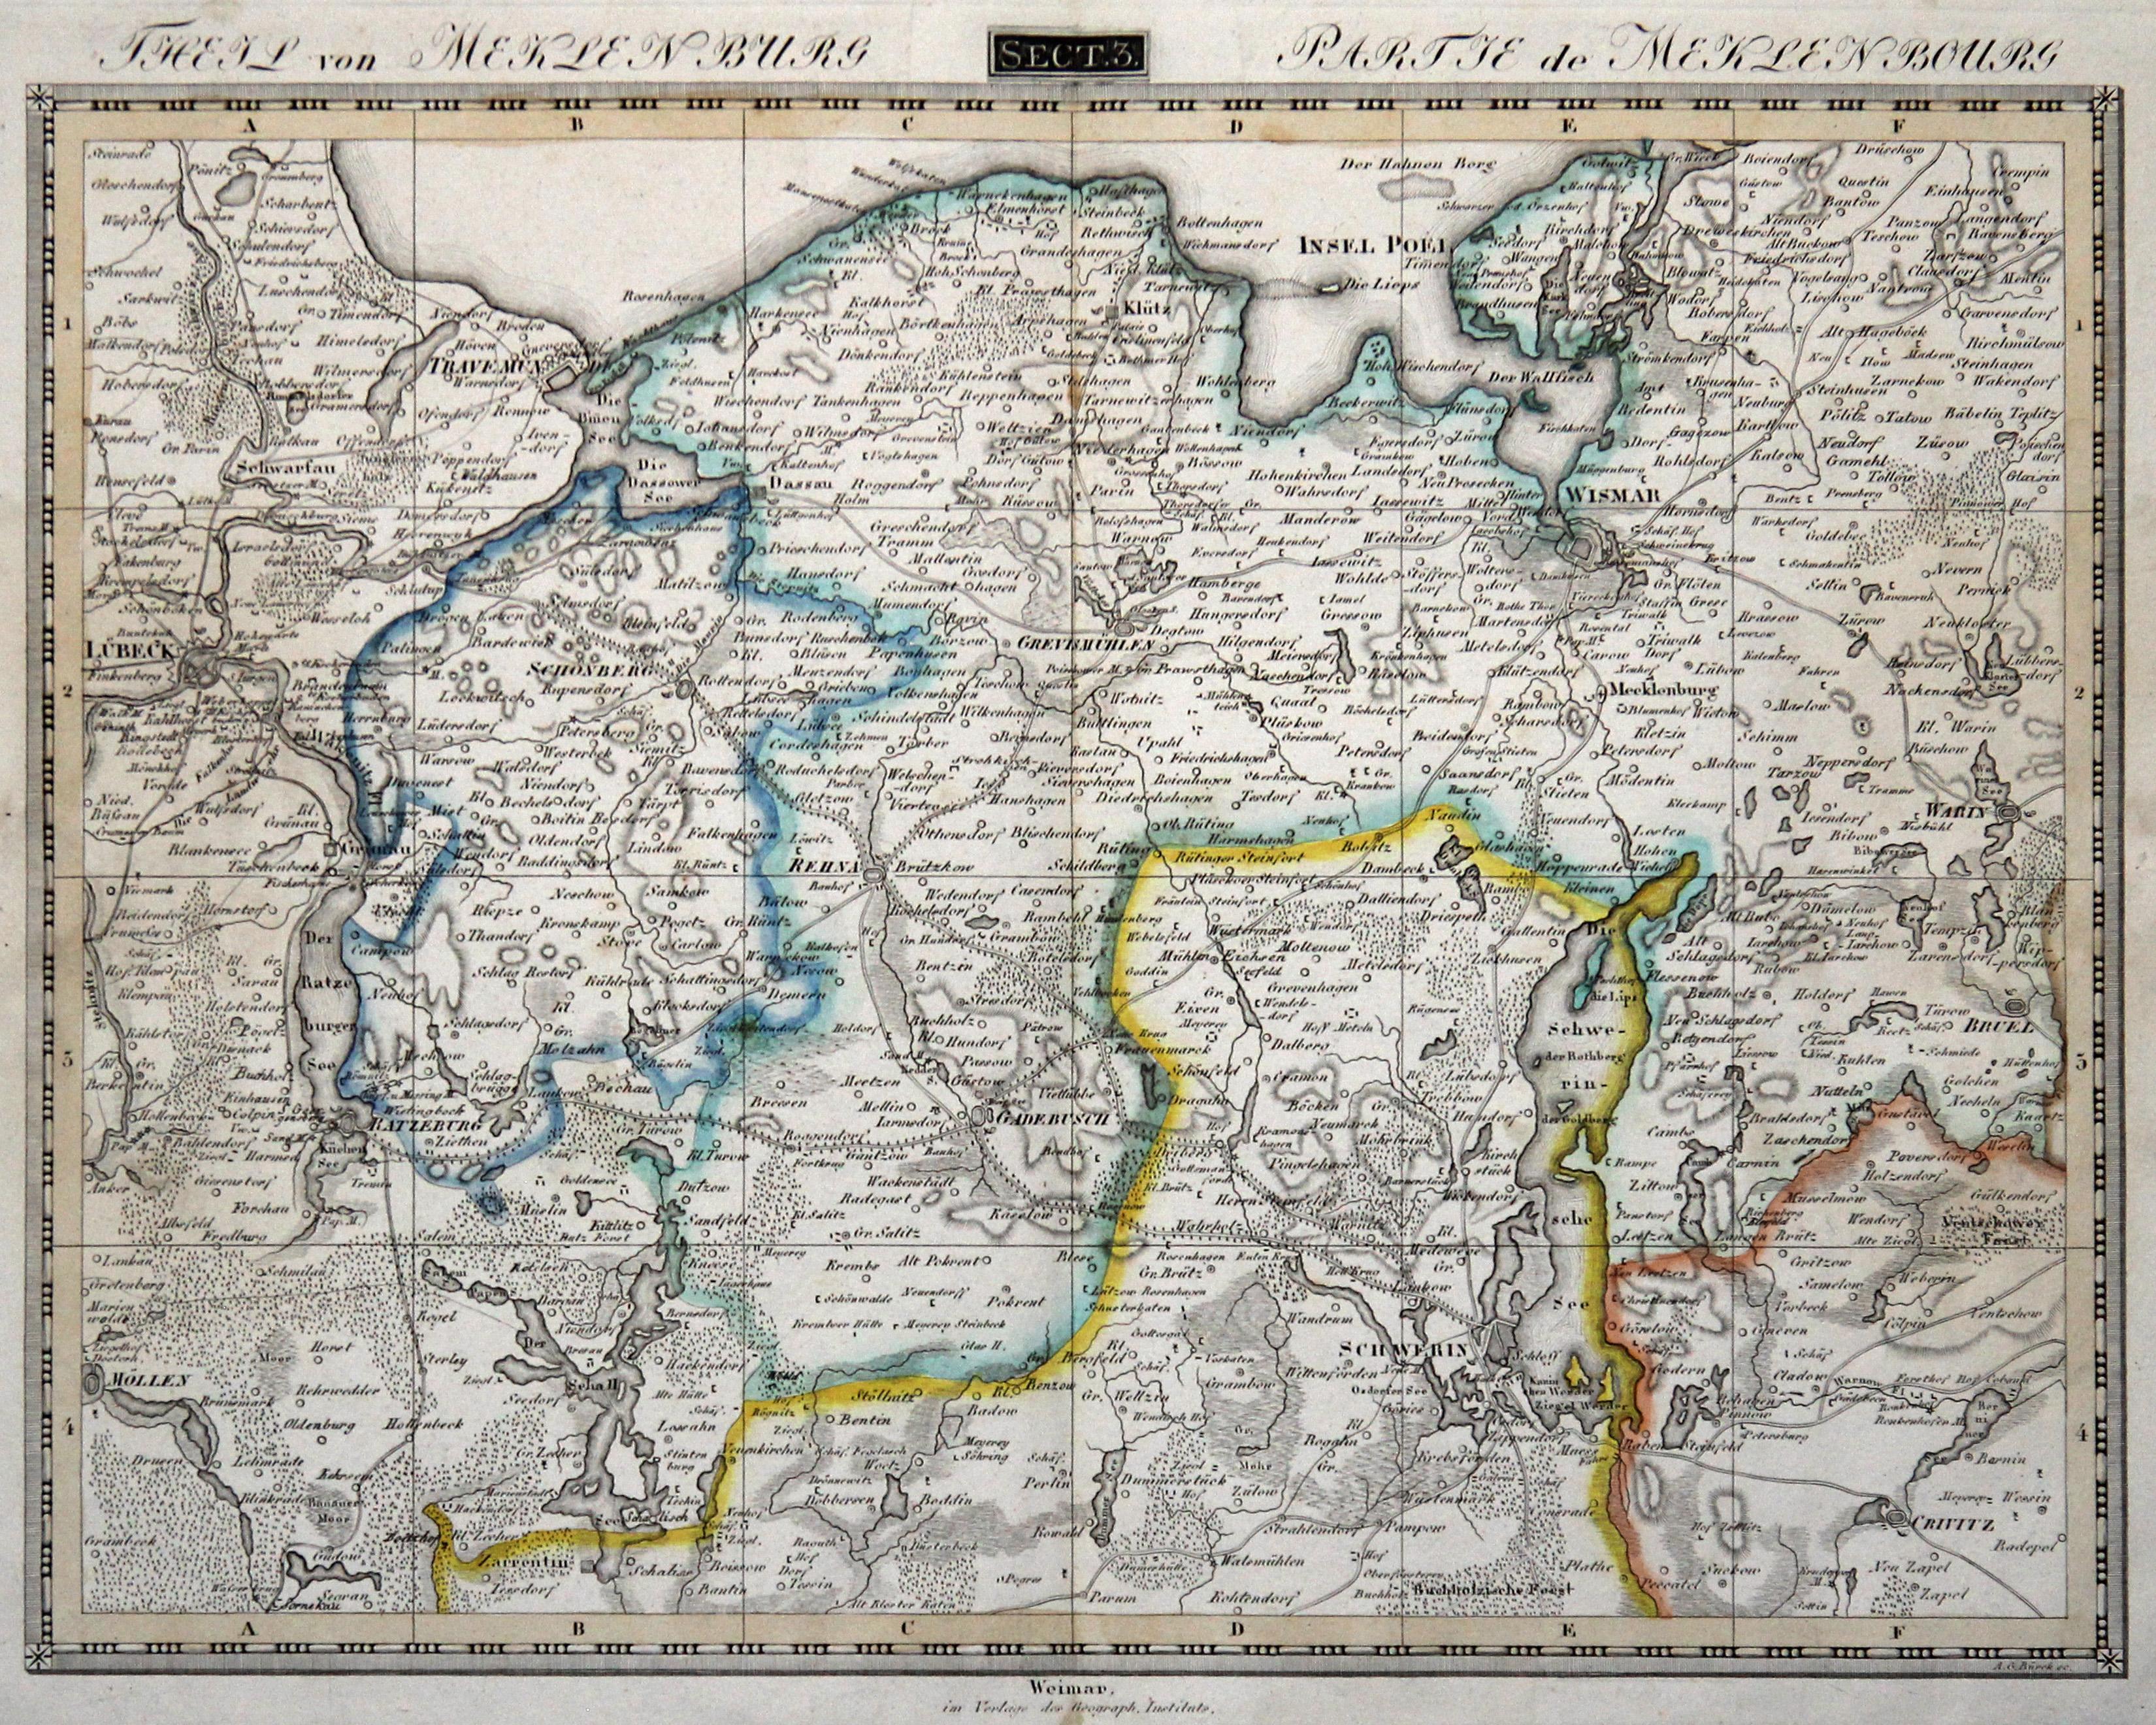 Karte Weimar Und Umgebung.Kupferstich Karte V Burck B